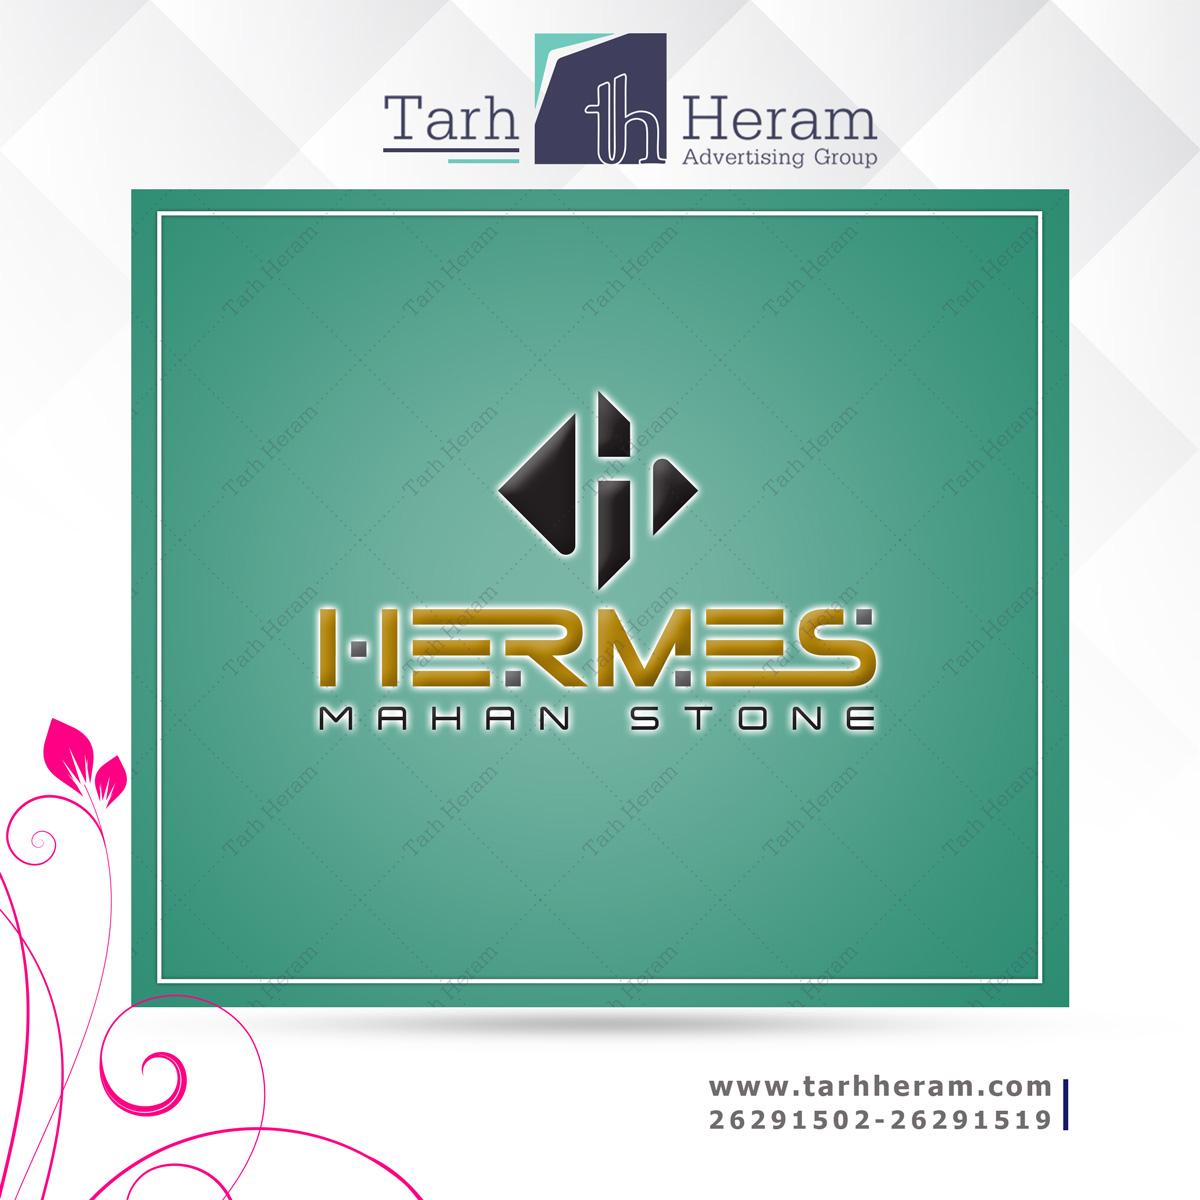 طراحی لوگو شرکت ماهان سنگ هرمس